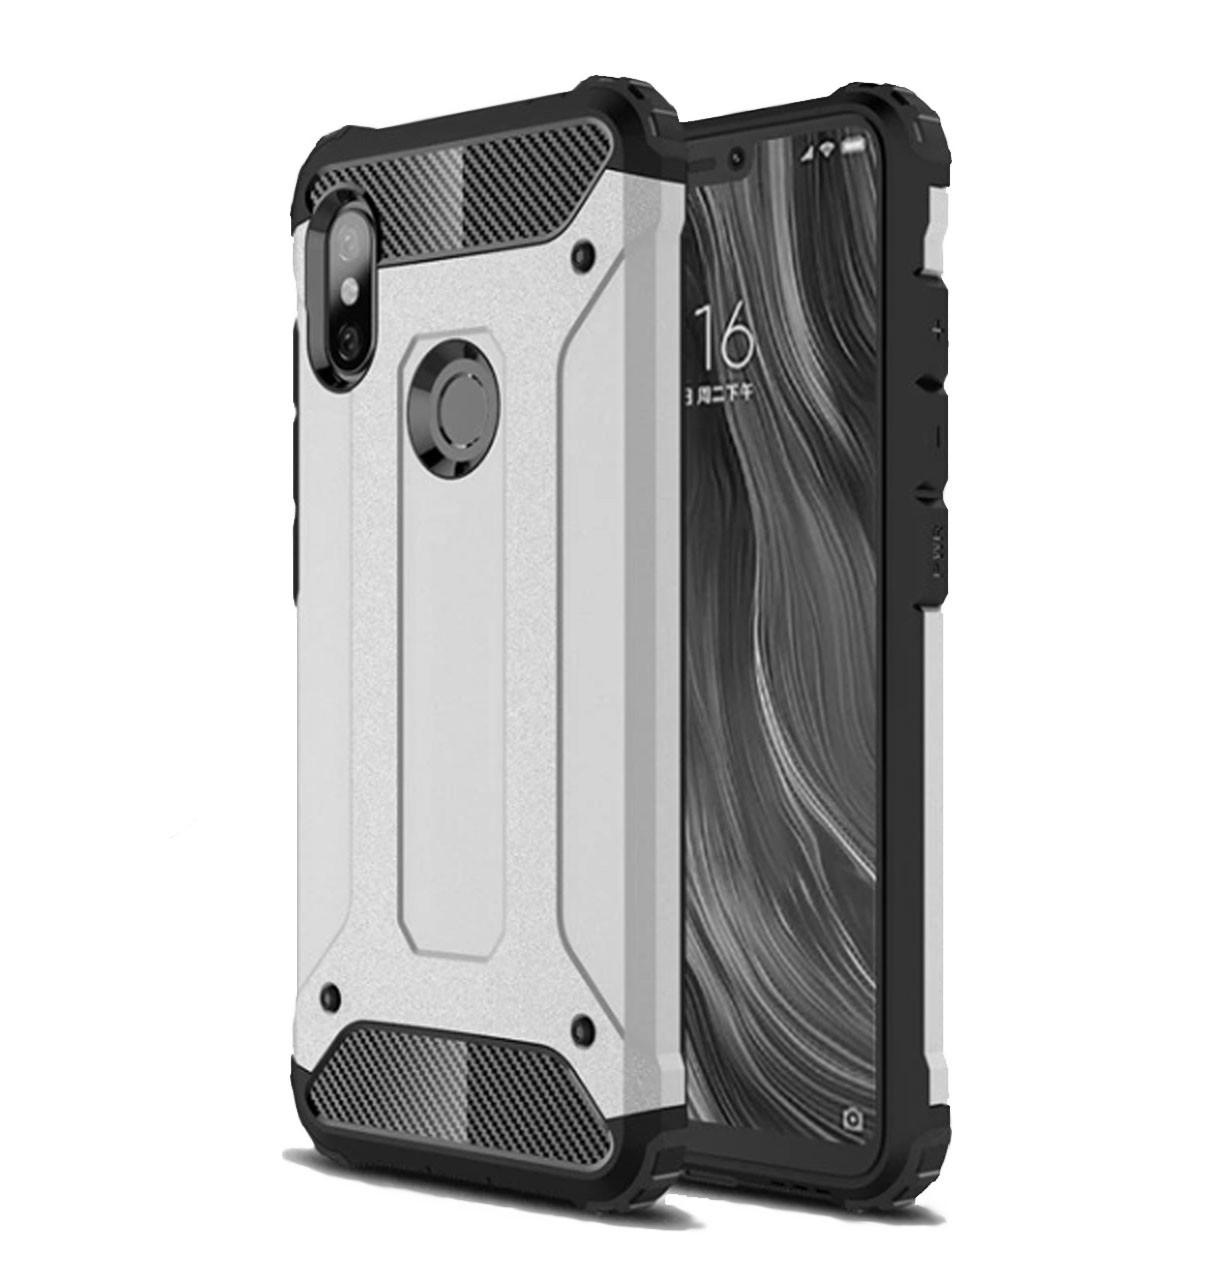 buy popular 2119f 8737c Бронированный противоударный TPU+PC чехол SPIGEN для Xiaomi Mi A2 Lite /  Redmi 6 Pro Silver: продажа, ...